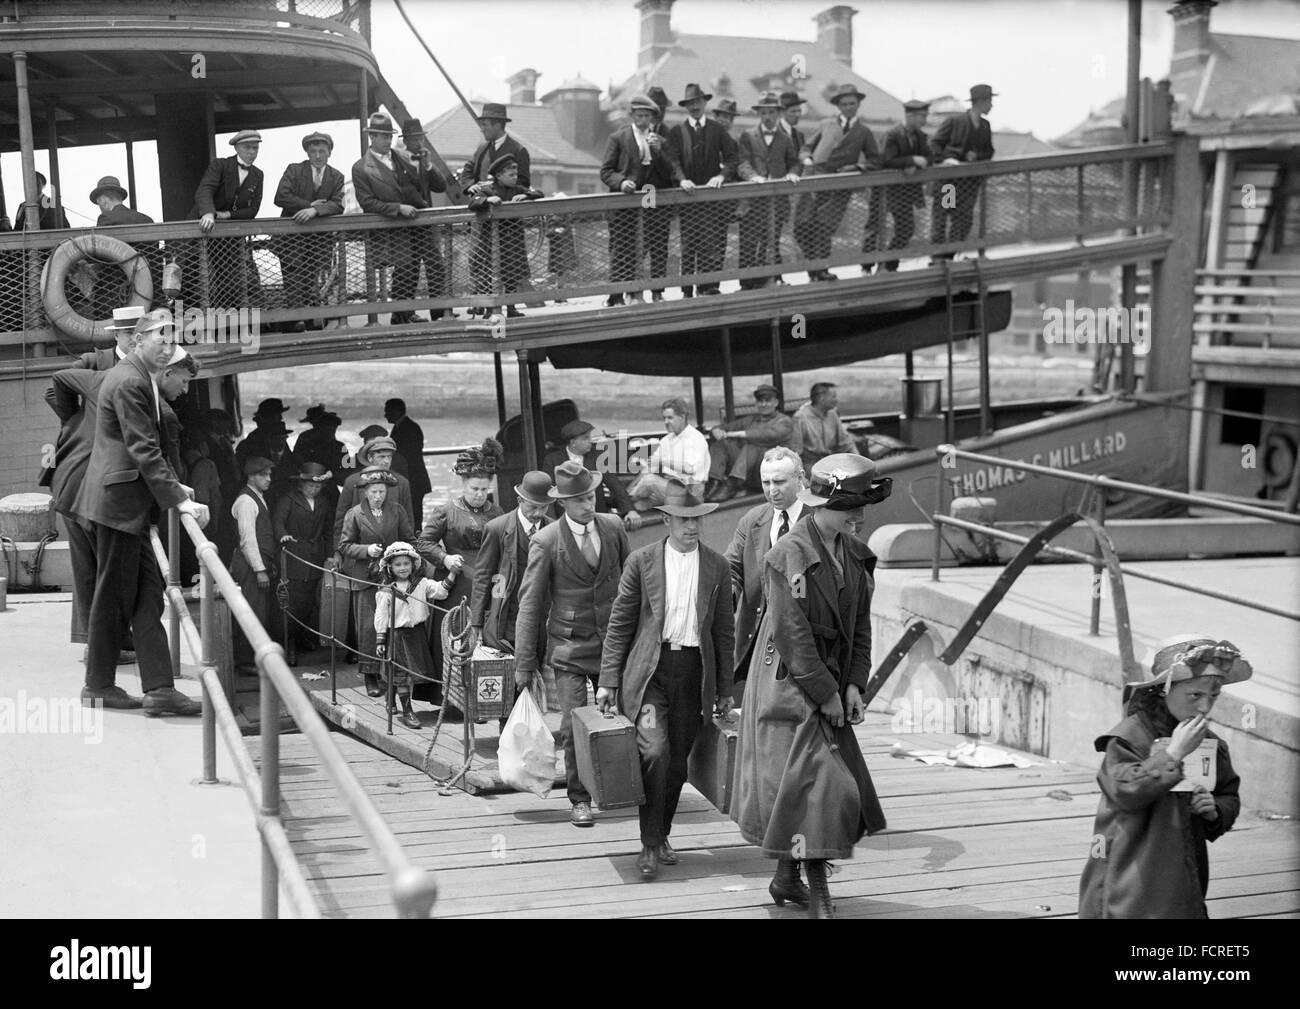 Ellis Island Immigrants Immigrants Disembarking At Ellis